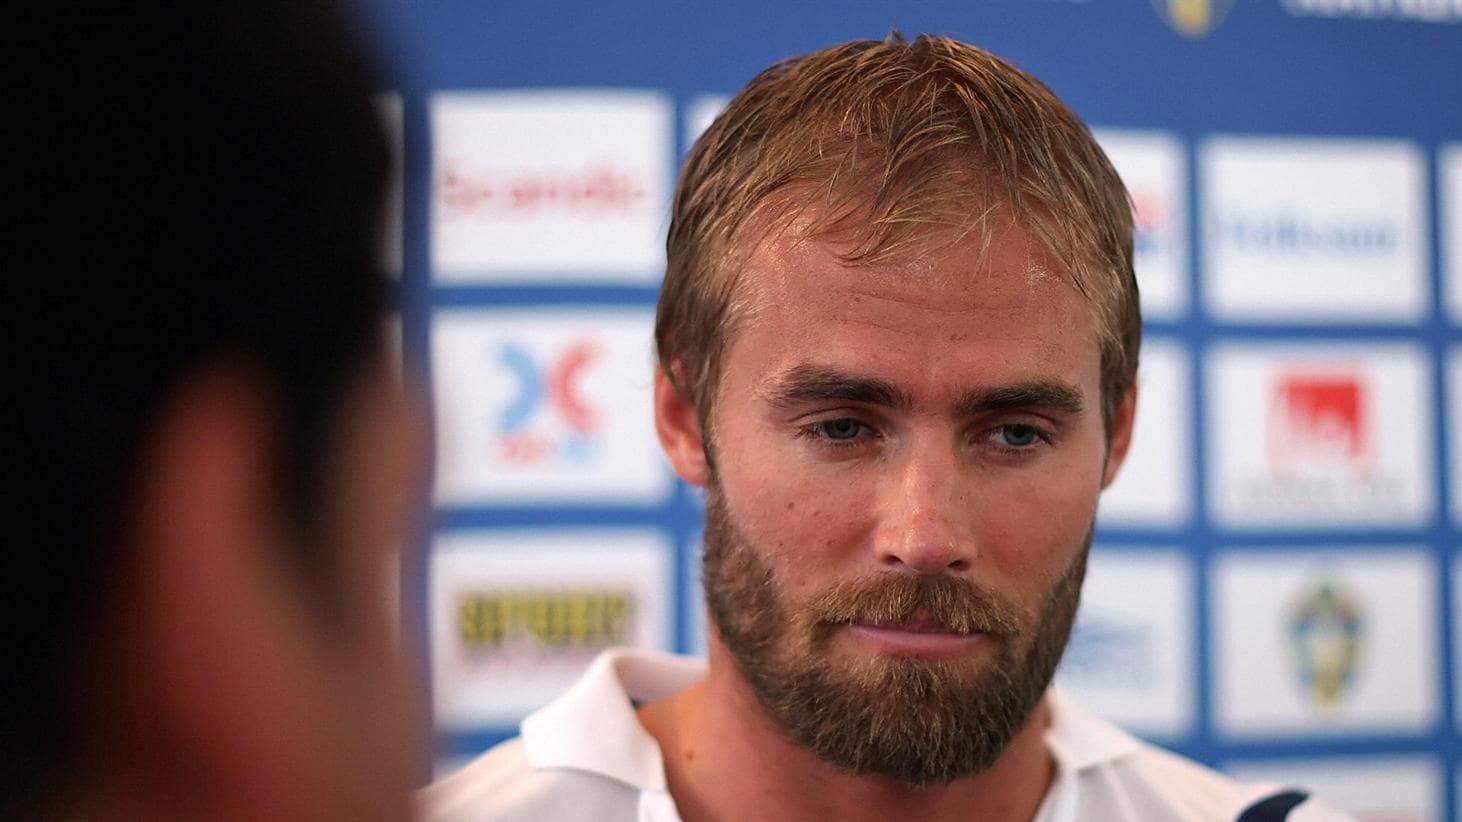 Olof Mellberg Beard